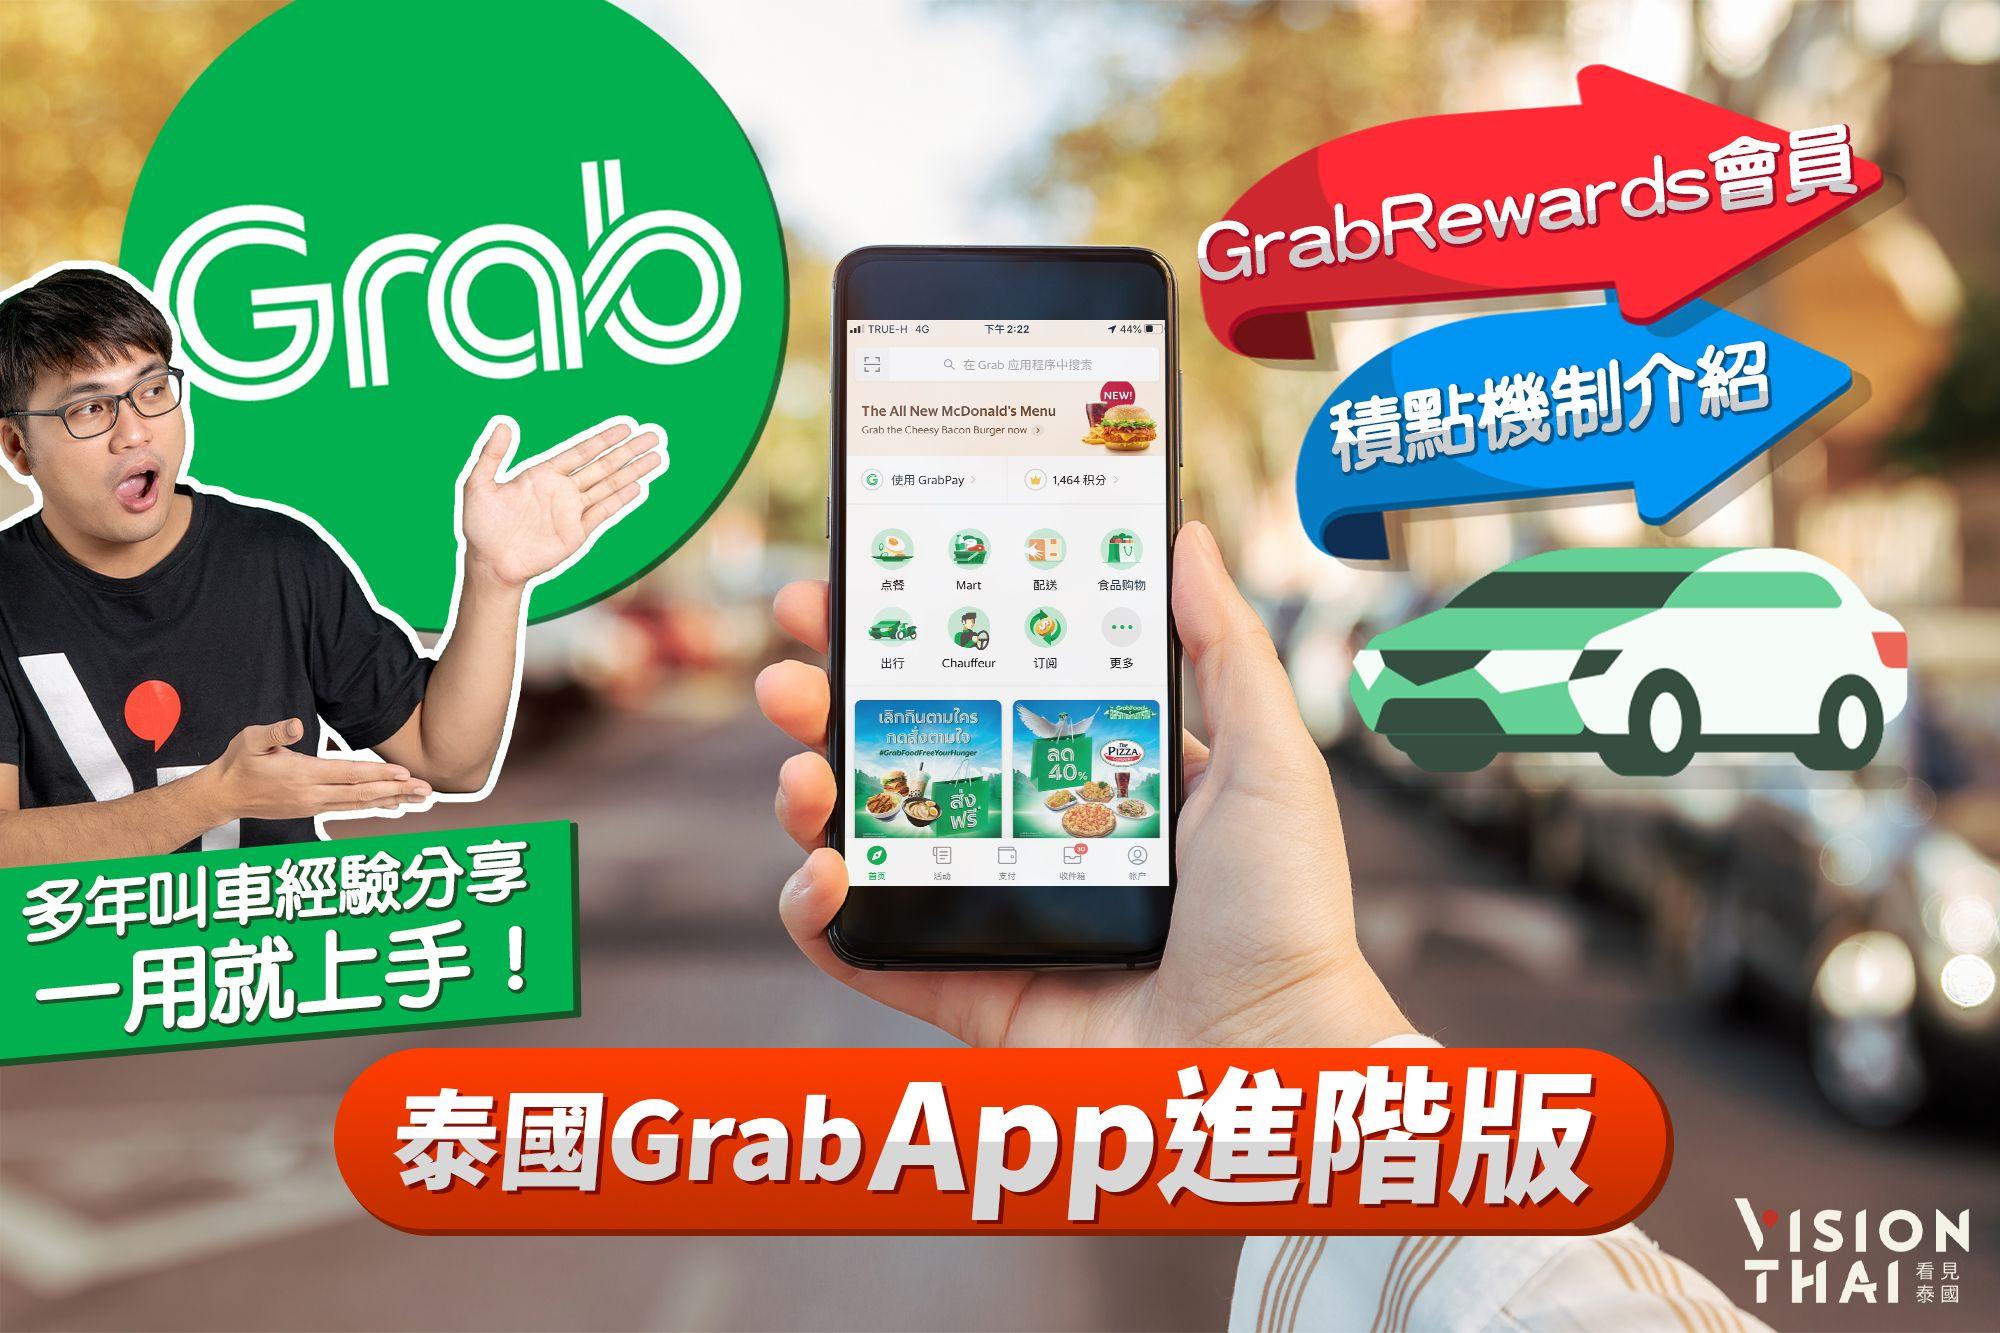 泰國Grab App進階使用教學 GrabRewards會員積點機制介紹